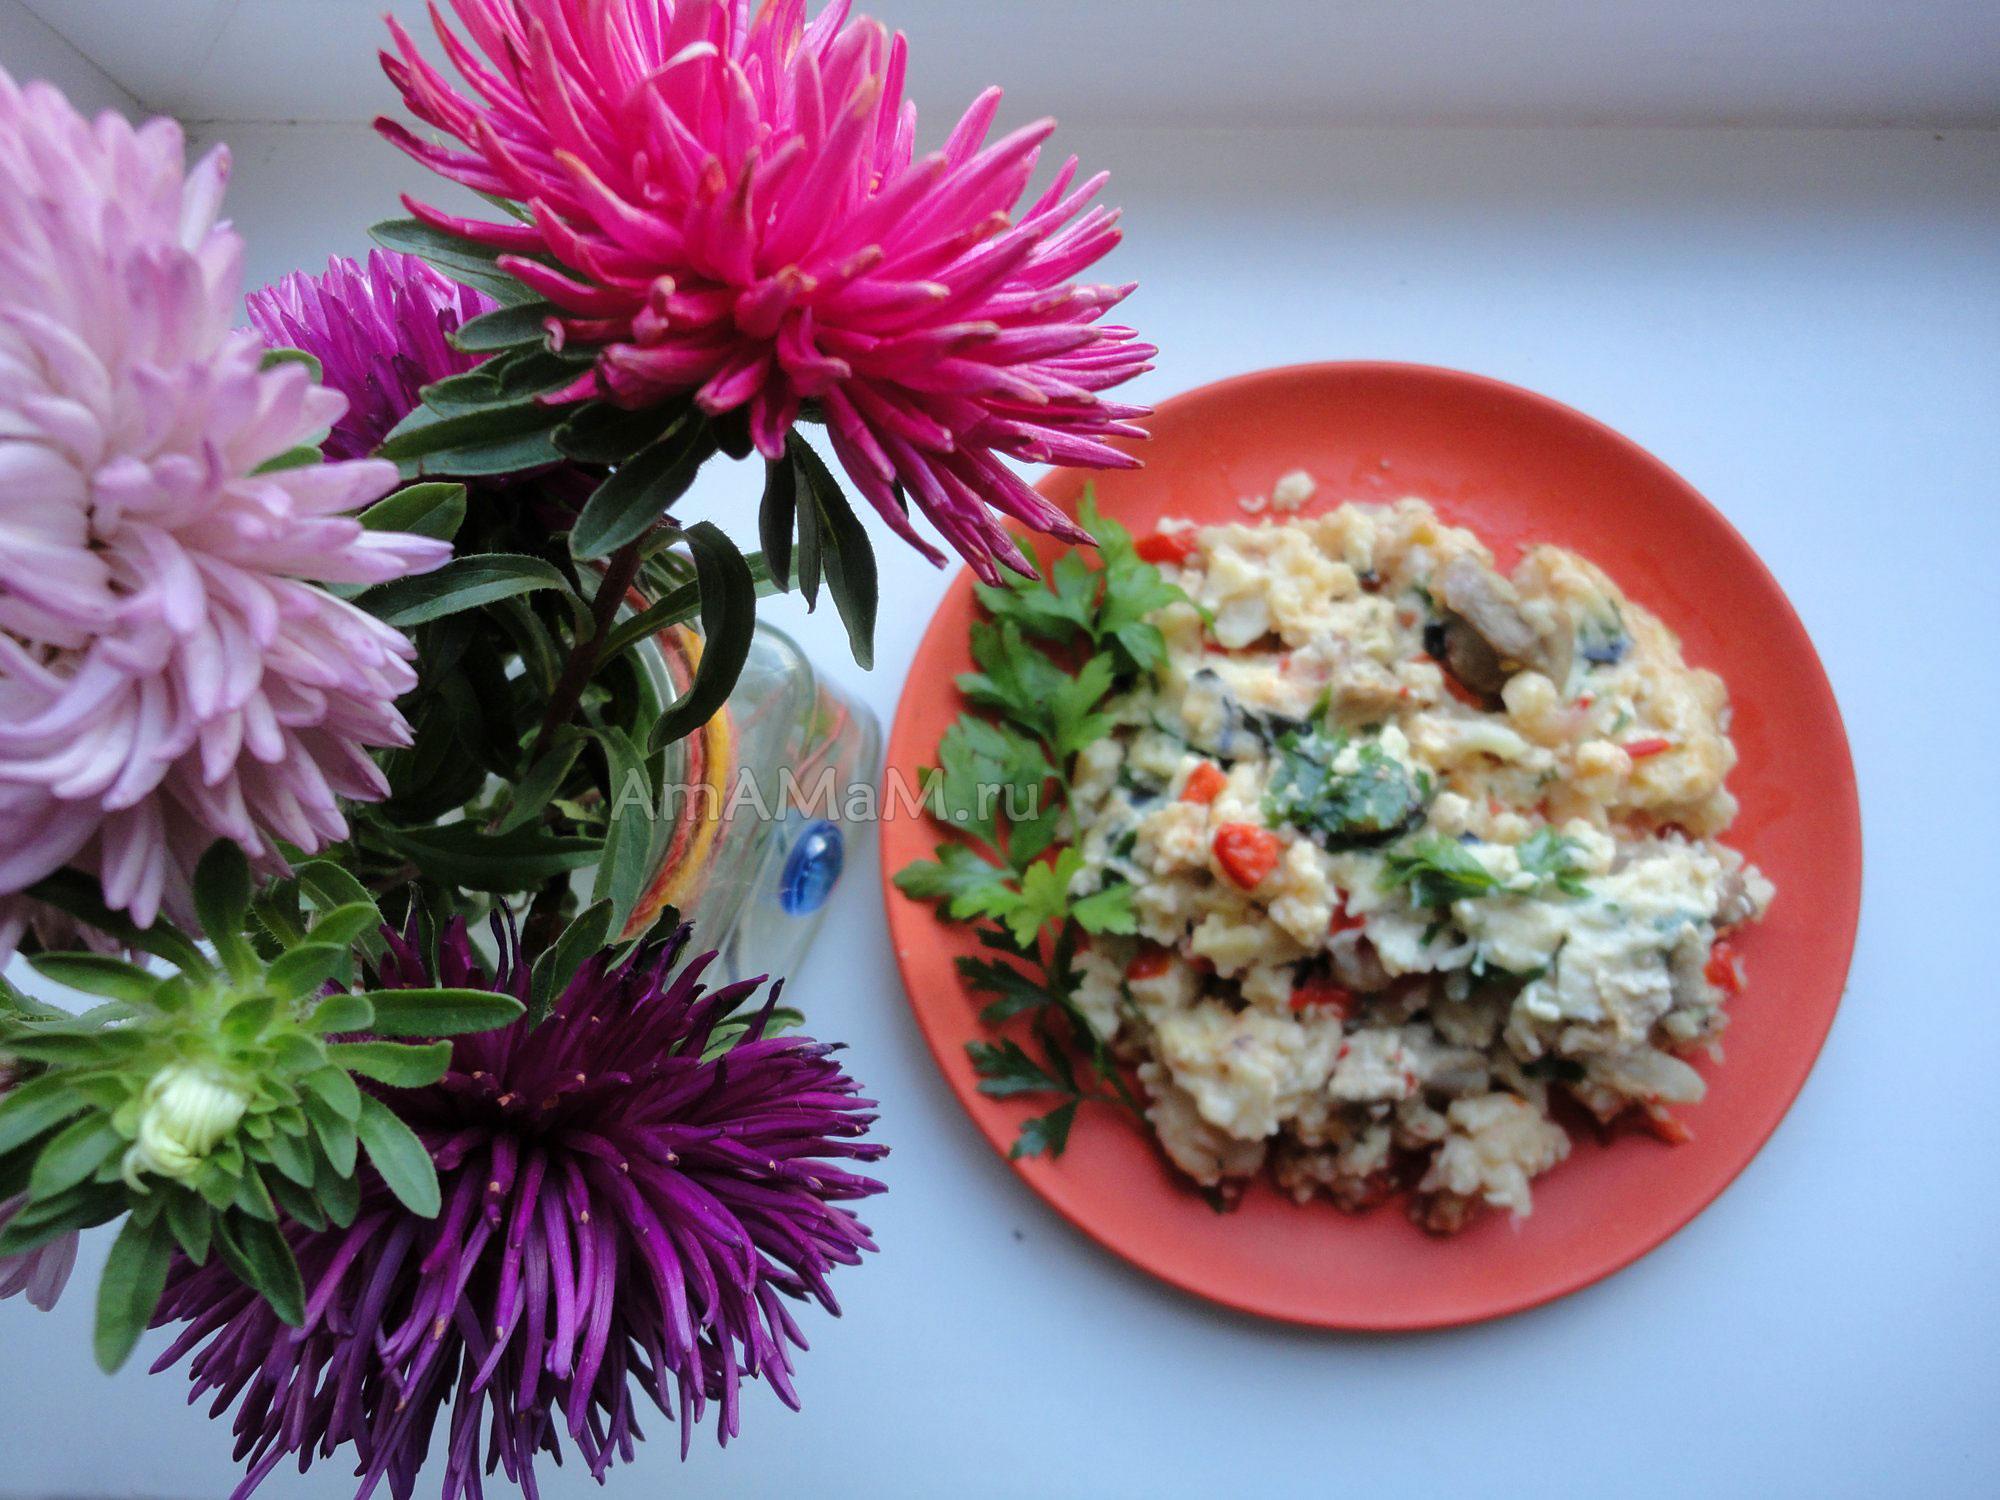 Цветная капуста со свининой, сладким перцем и помидорами - рецепт приготовления и фото